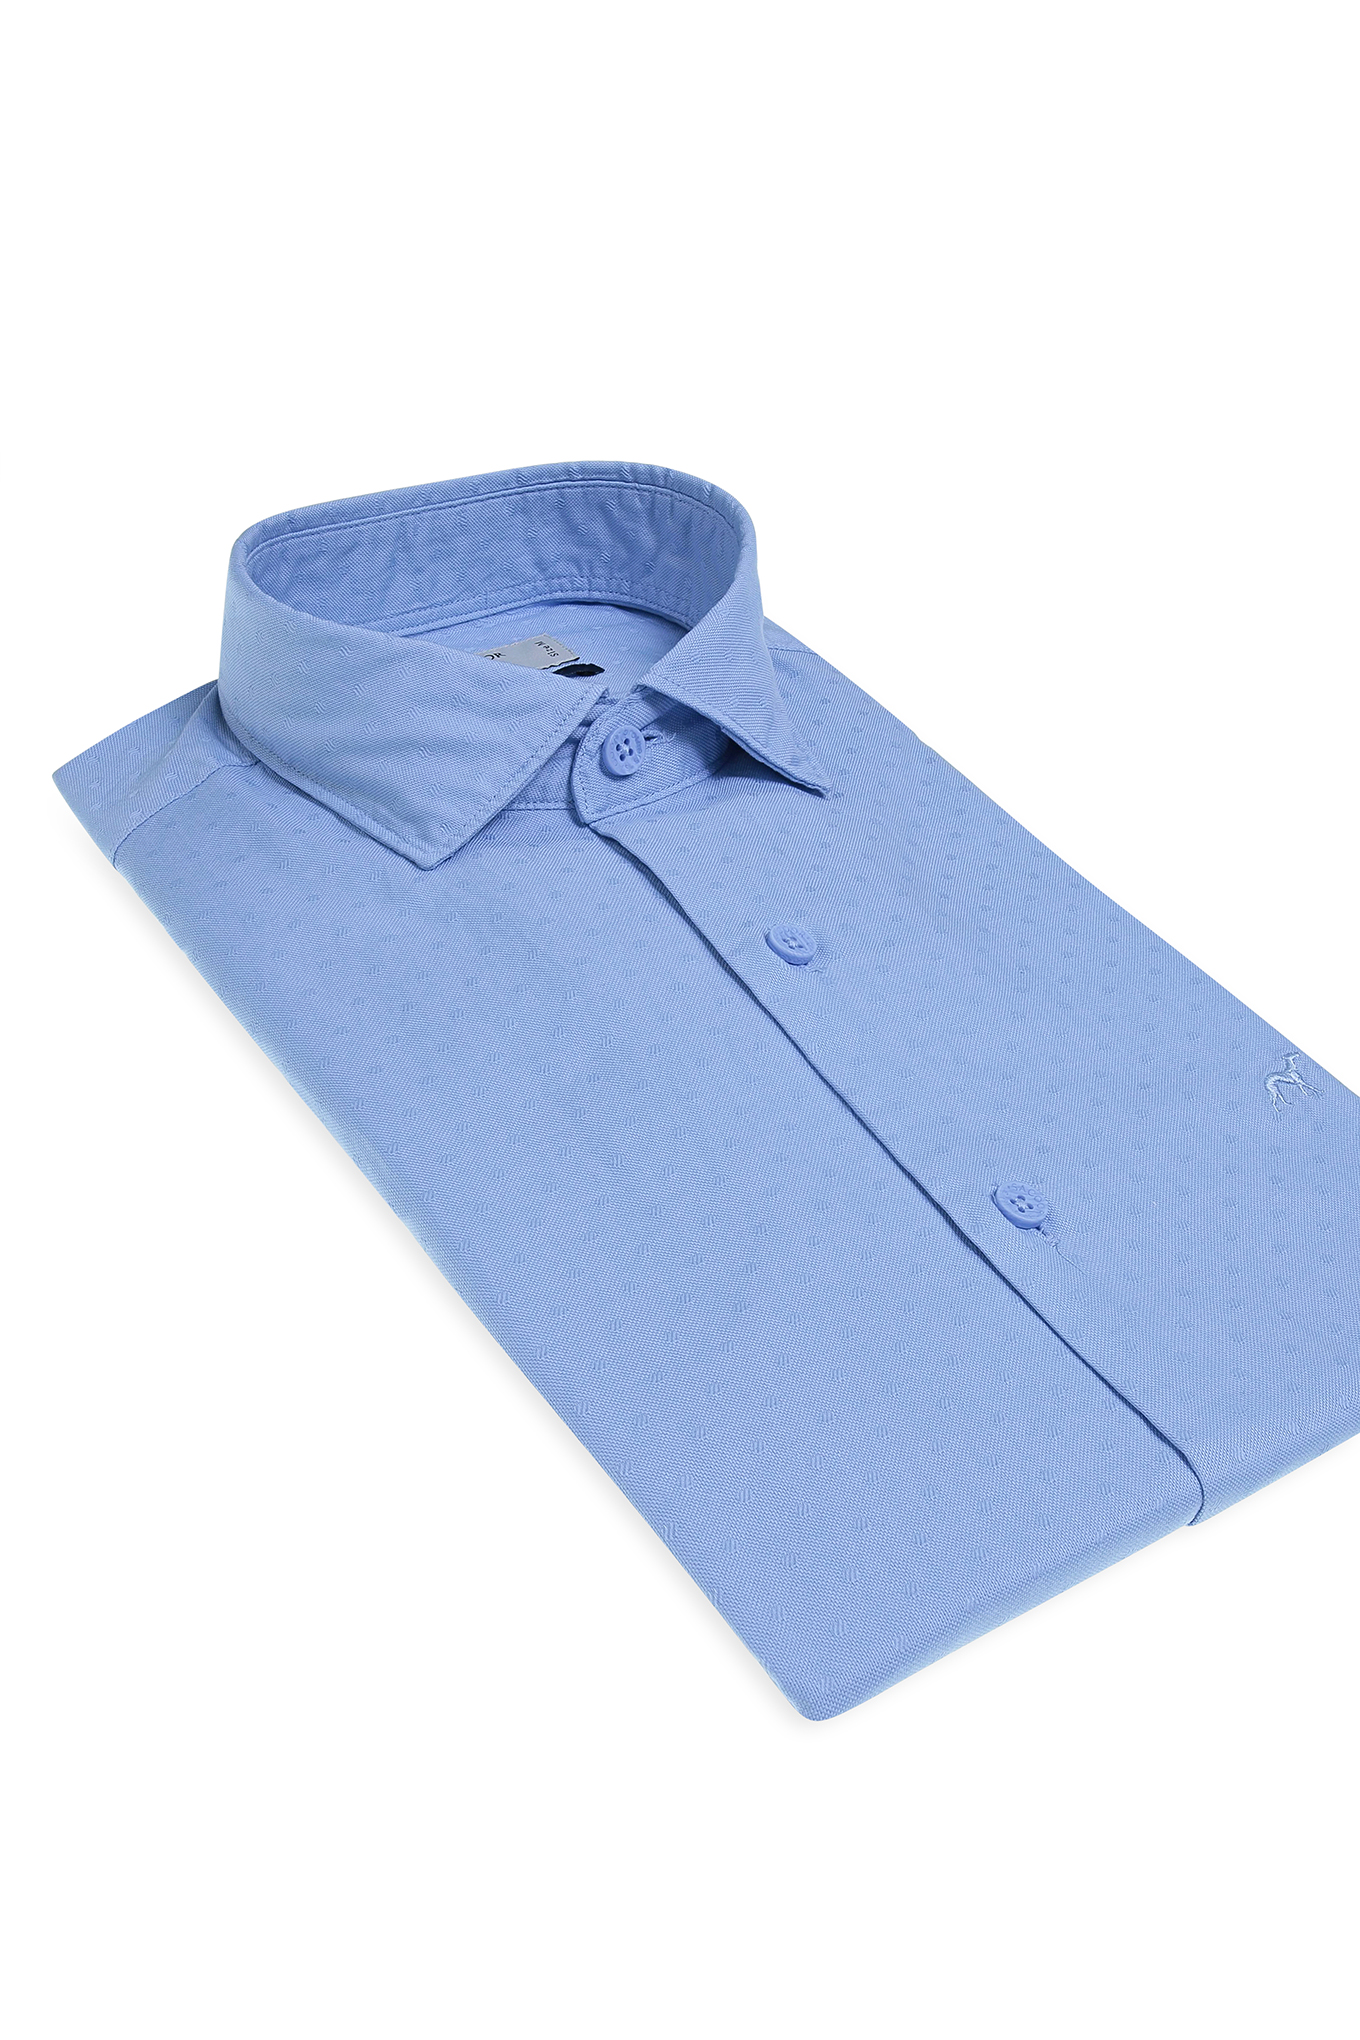 Camisa Azul Sport Homem